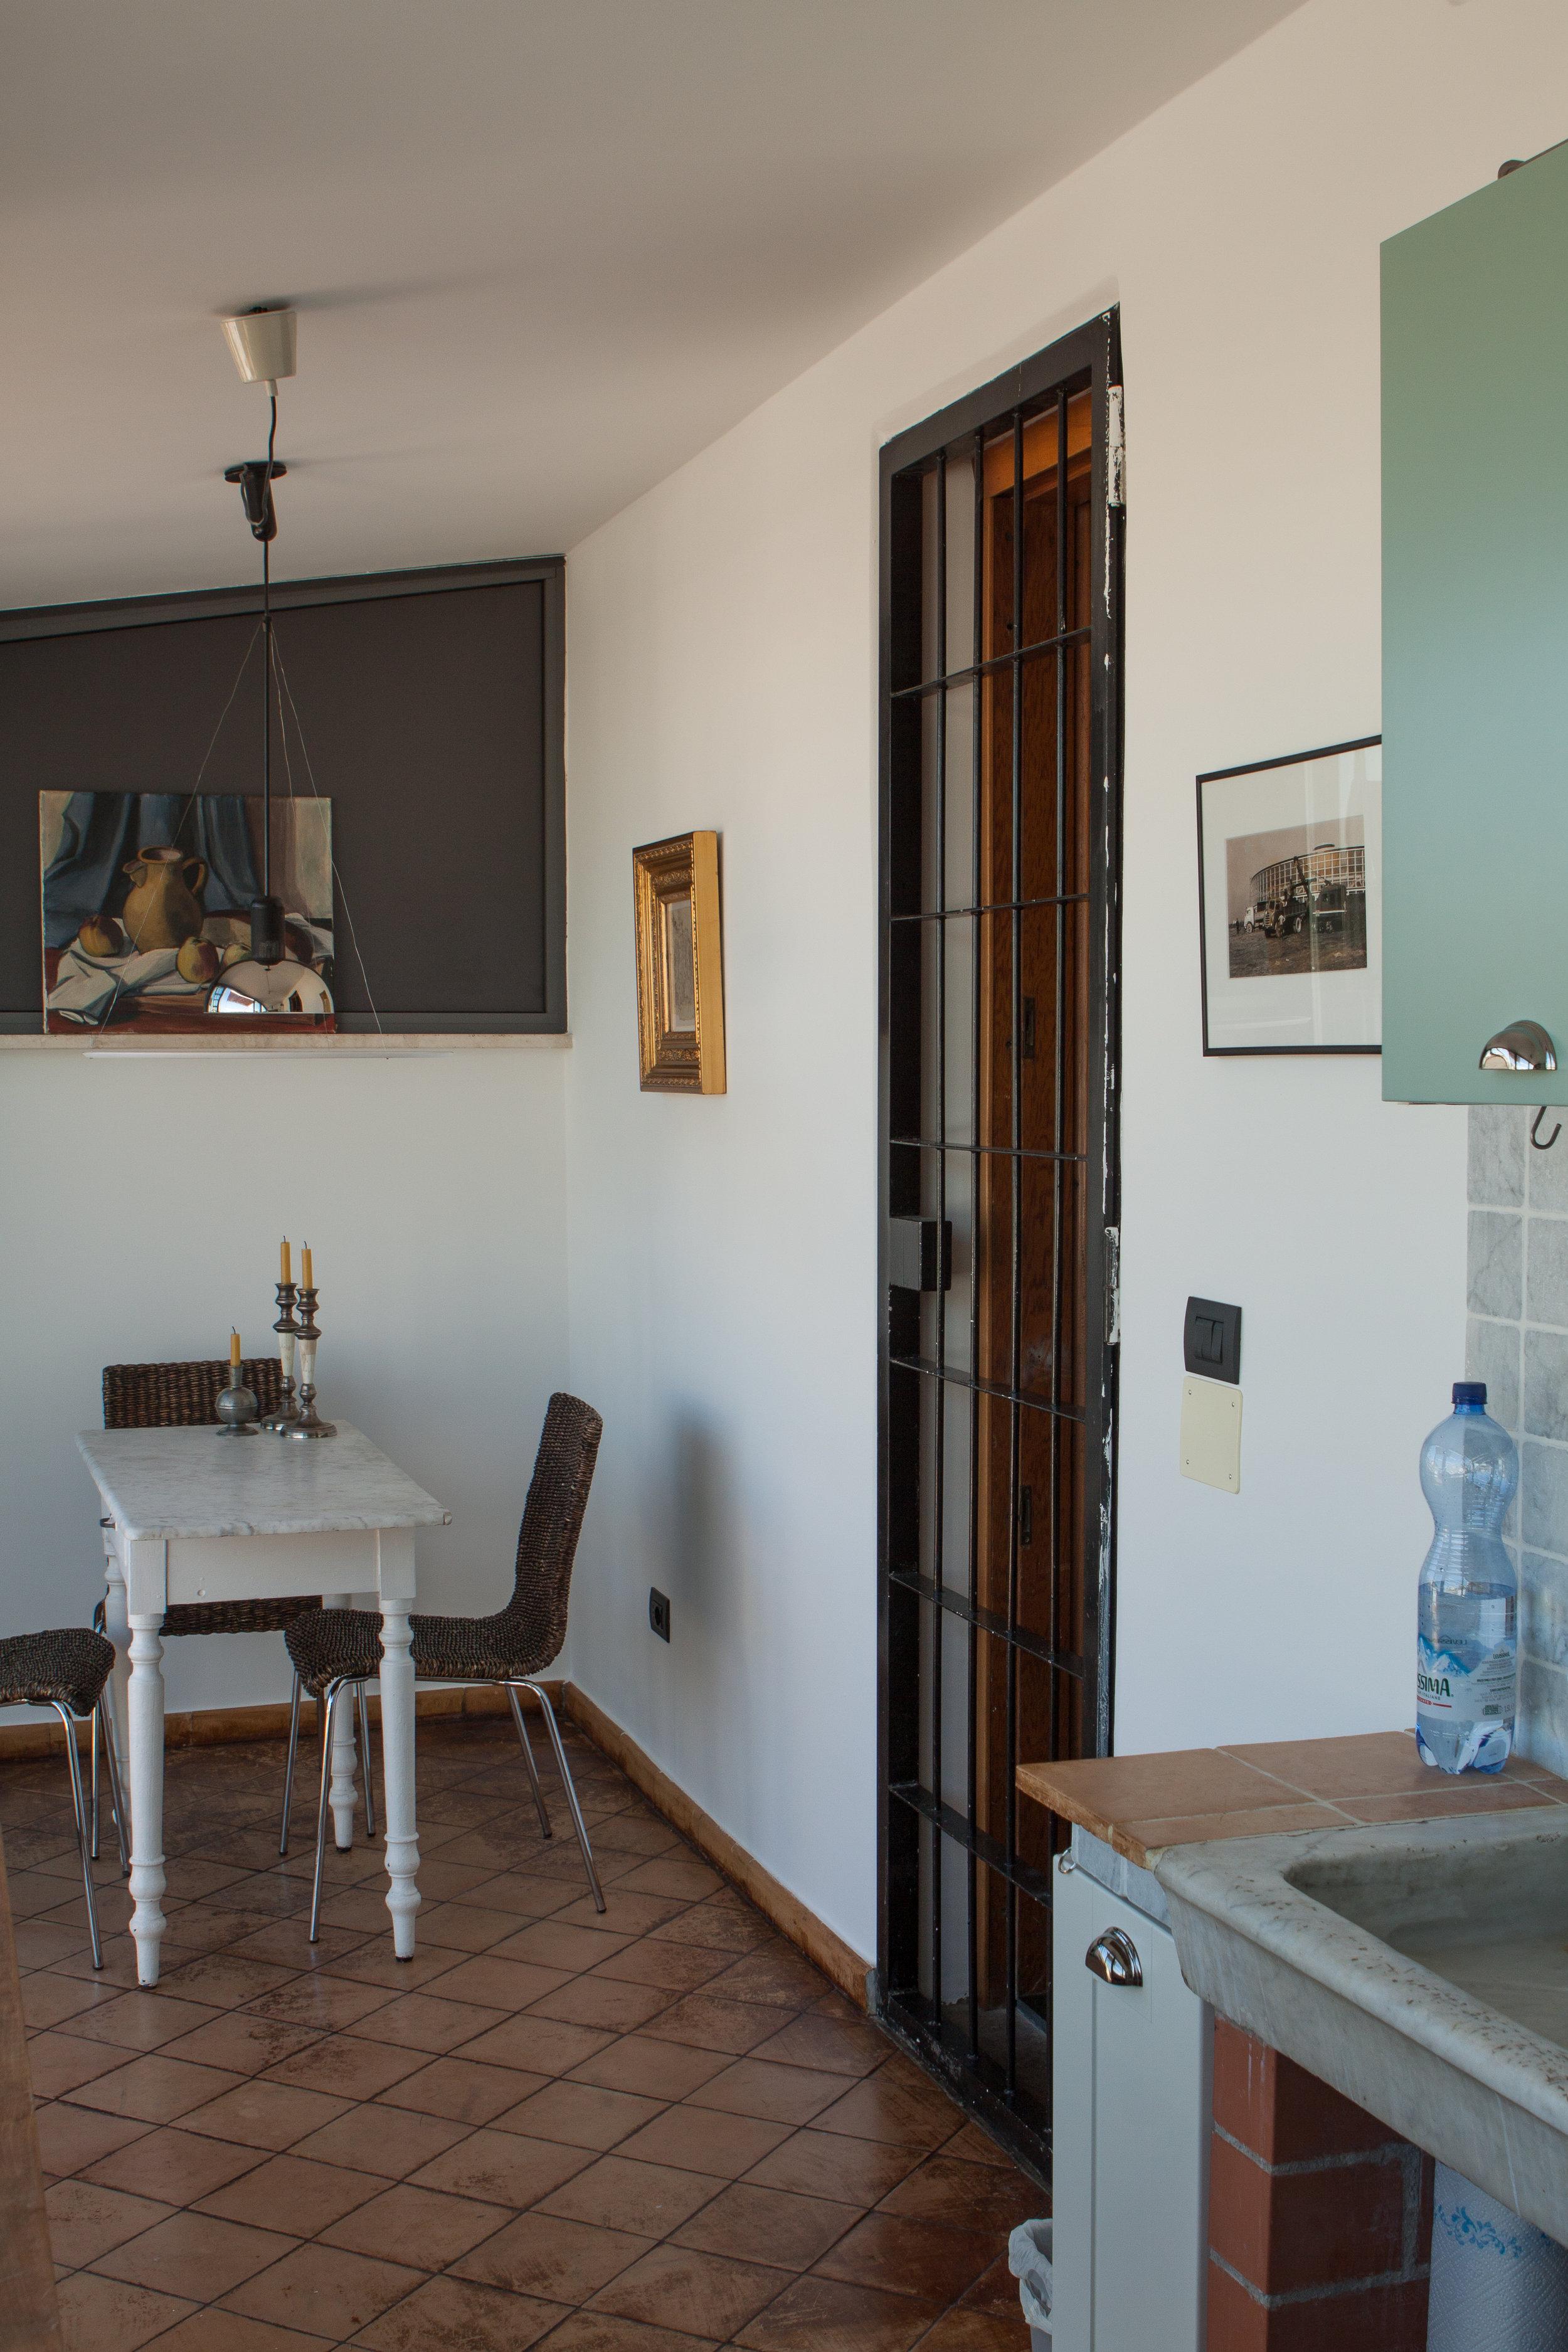 Rom VFT 23 cucina.jpg